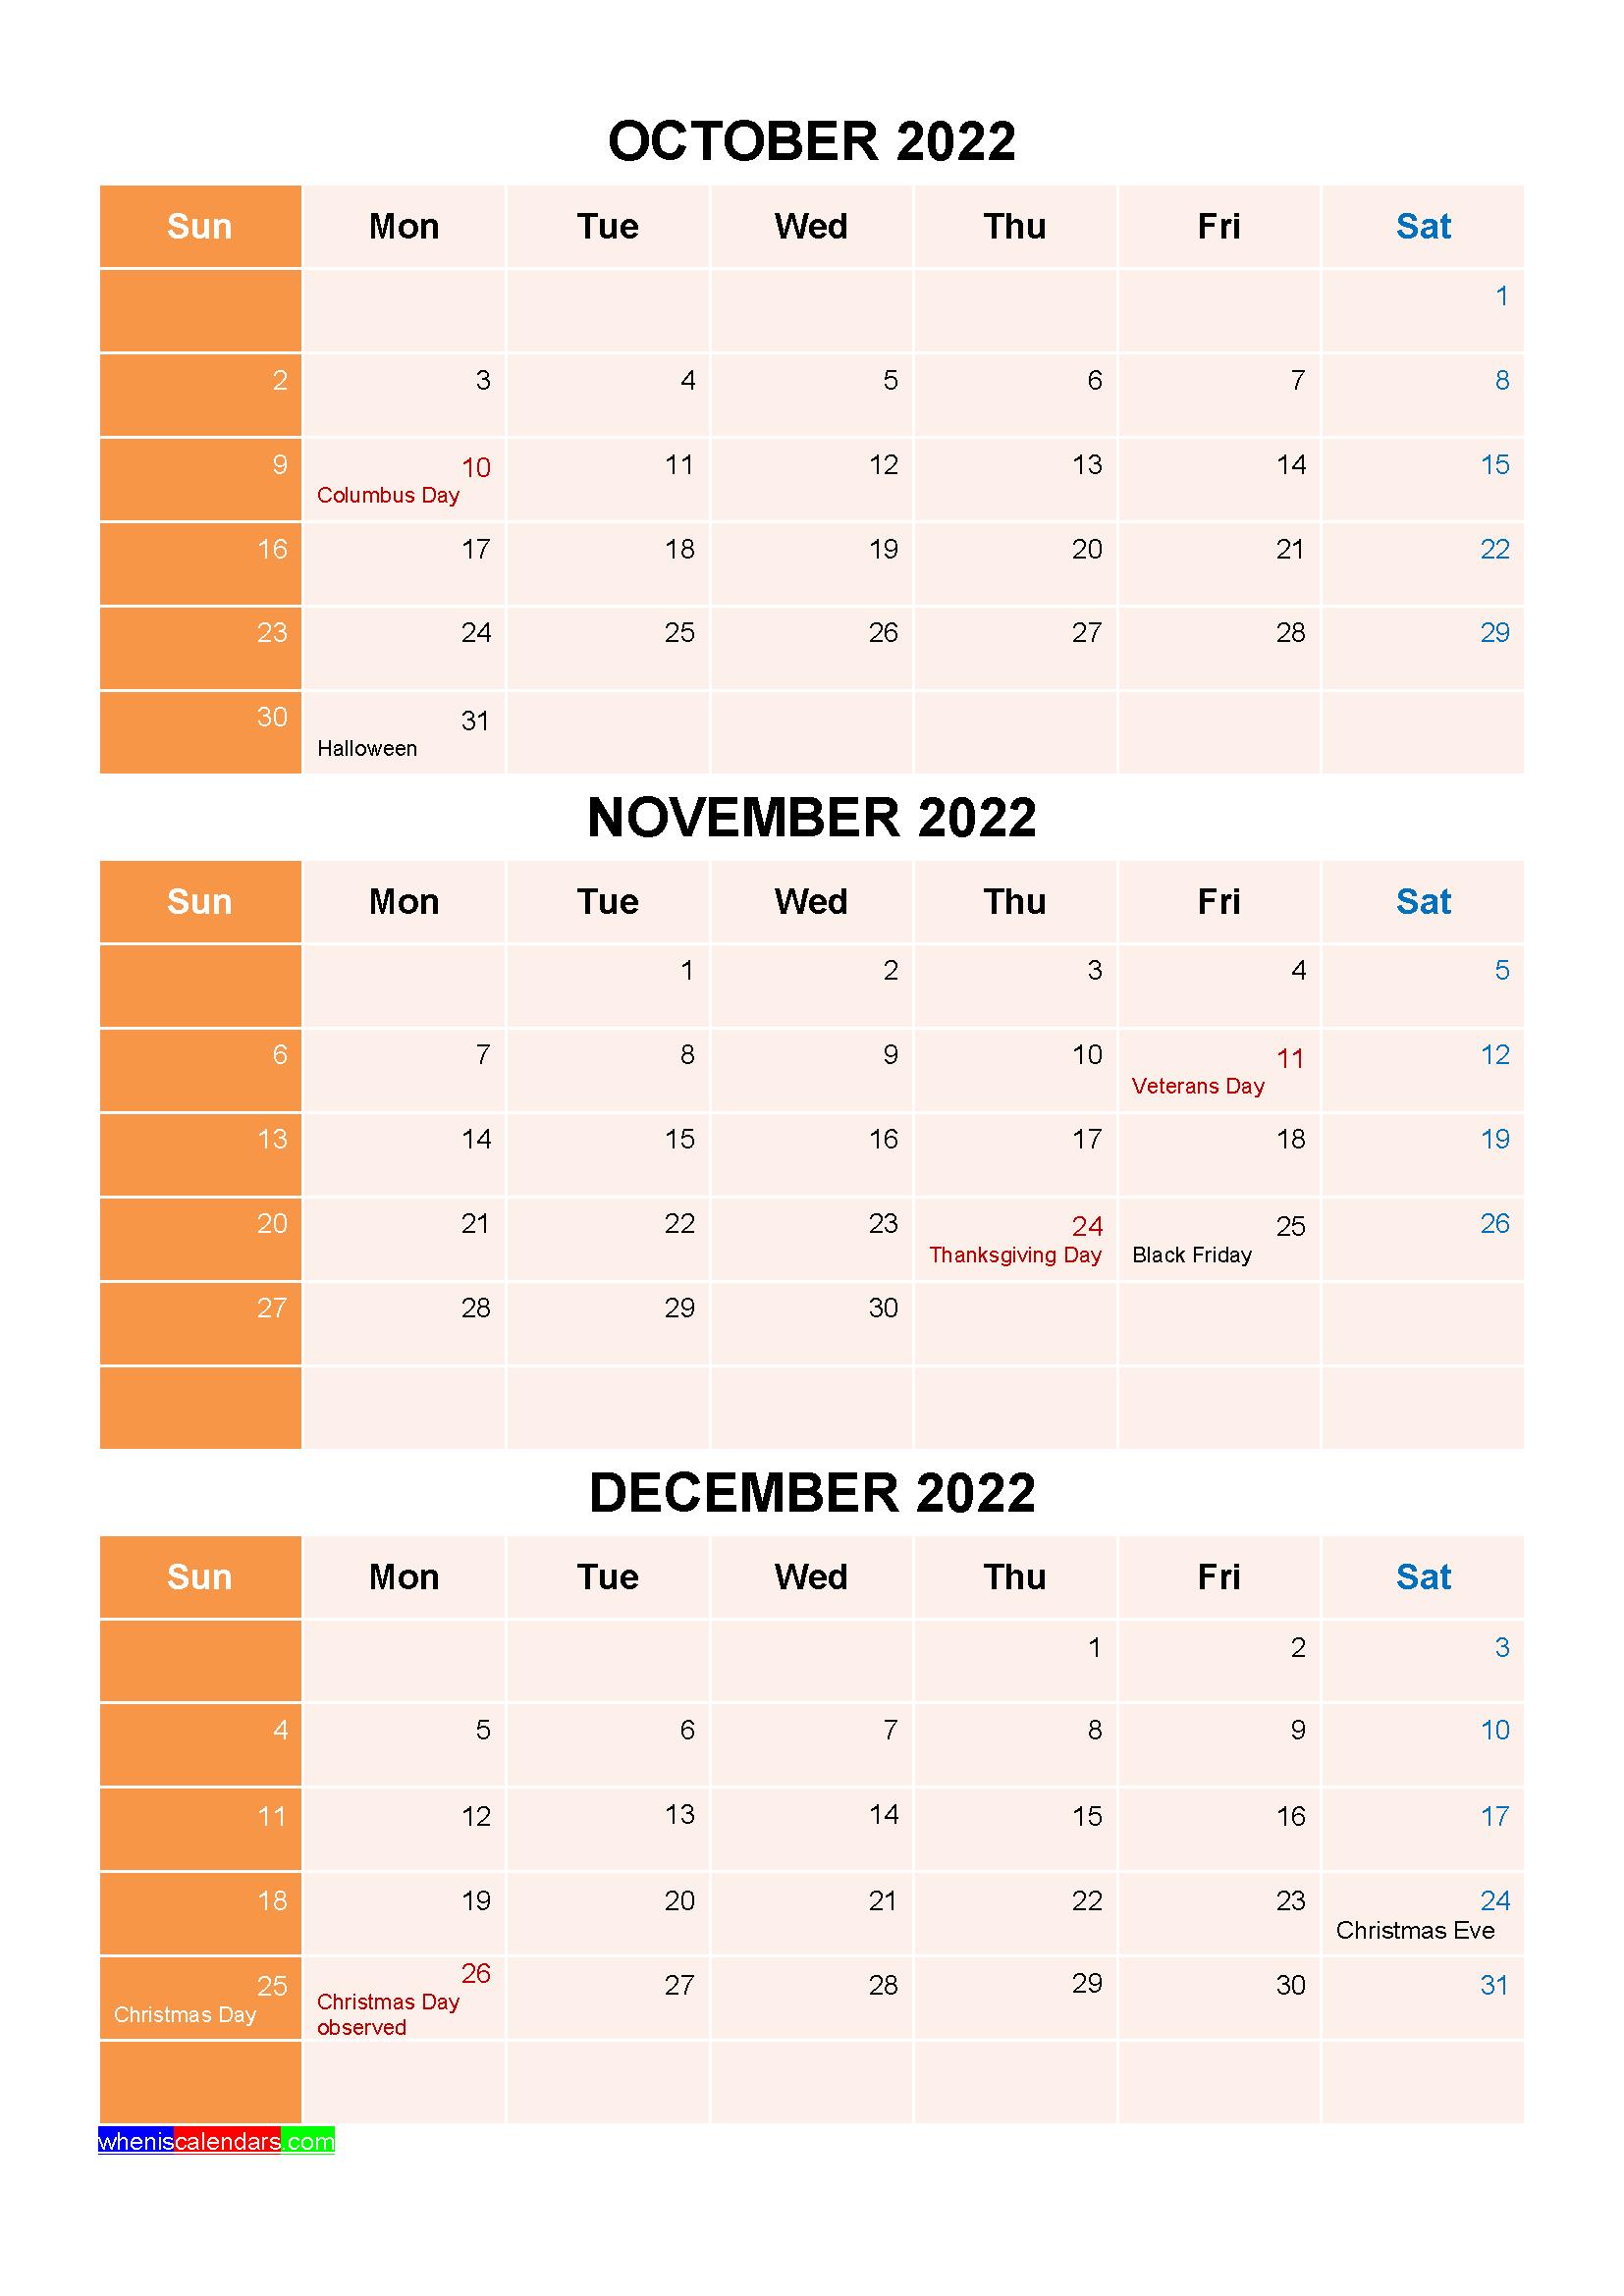 Calendar For December 2022.October November December 2022 Calendar With Holidays Four Quarters Printable Calendar July January February March Calendar